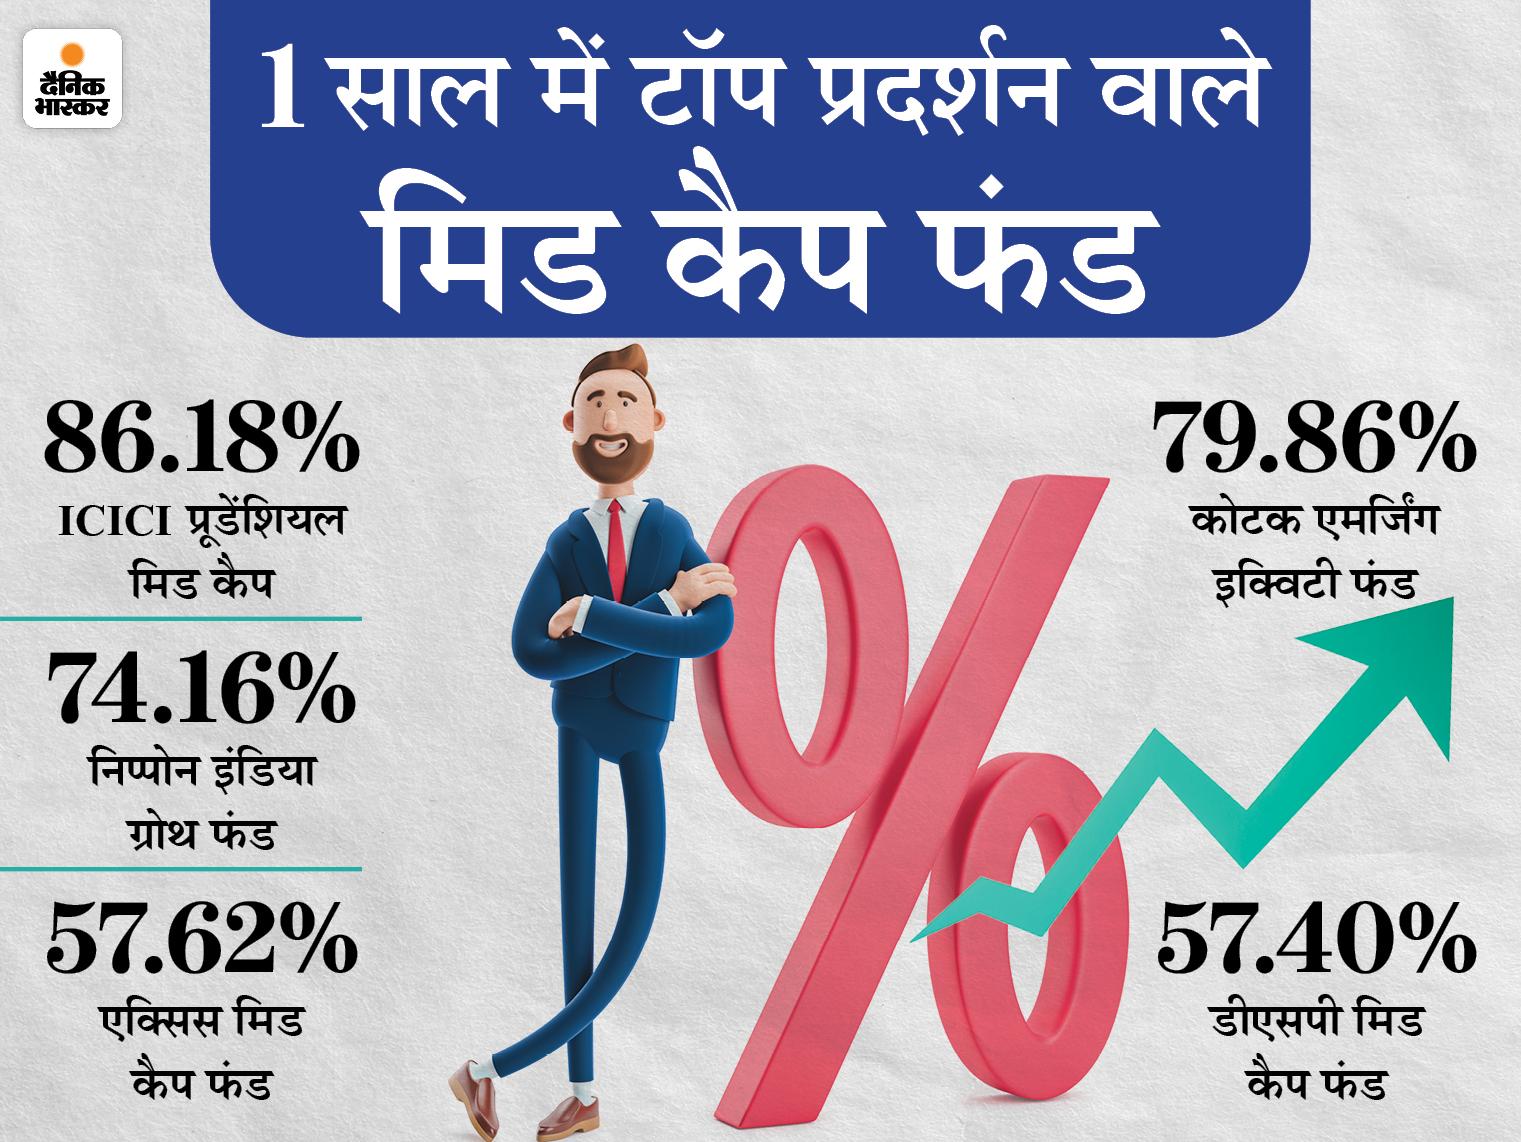 1 साल में 86% का रिटर्न, 5 फंड हाउस में ICICI प्रूडेंशियल मिड कैप फायदा देने में टॉप पर|बिजनेस,Business - Dainik Bhaskar